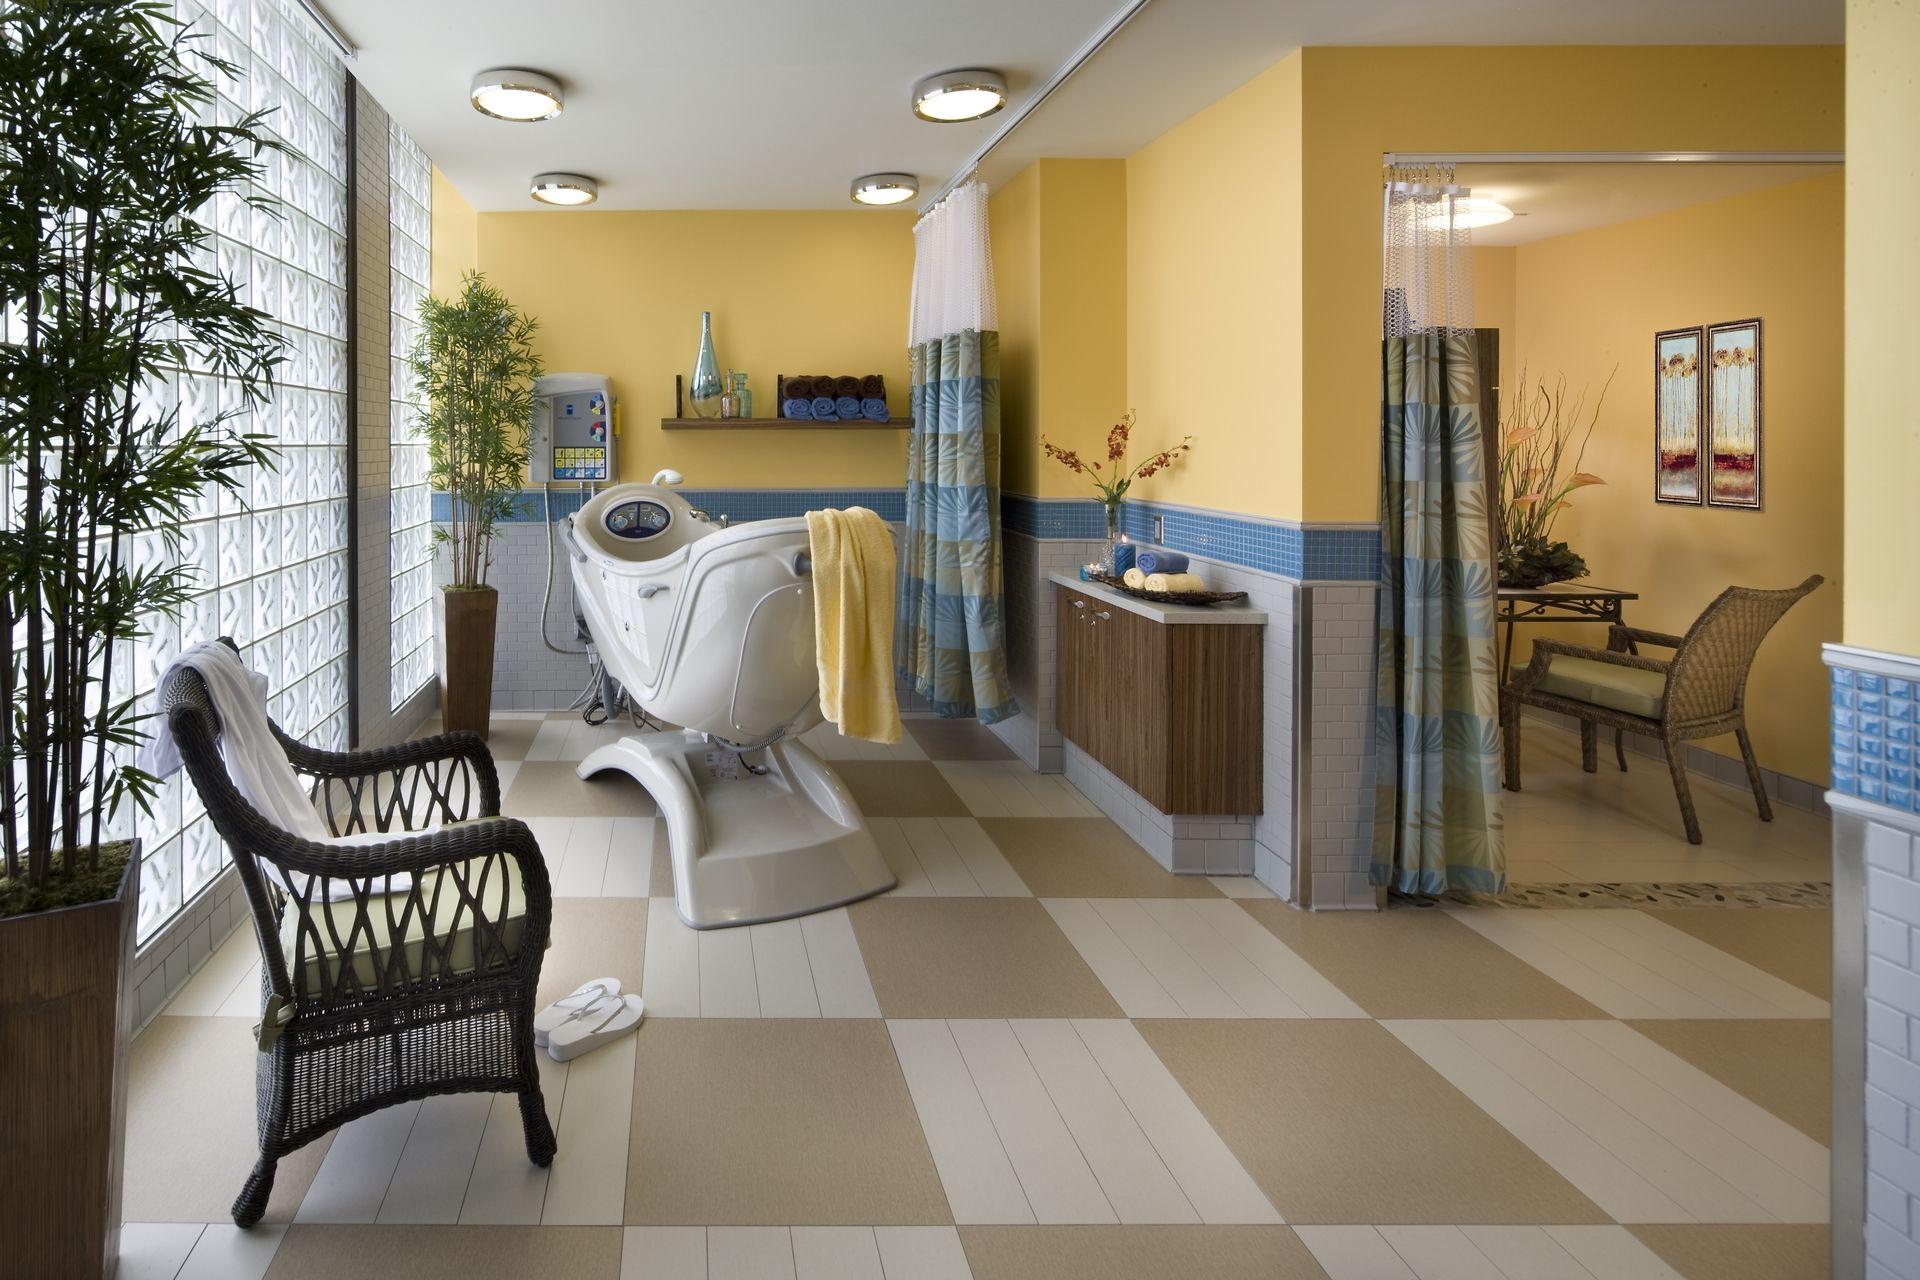 Breman Jewish Home Spa THW Design Healthcare